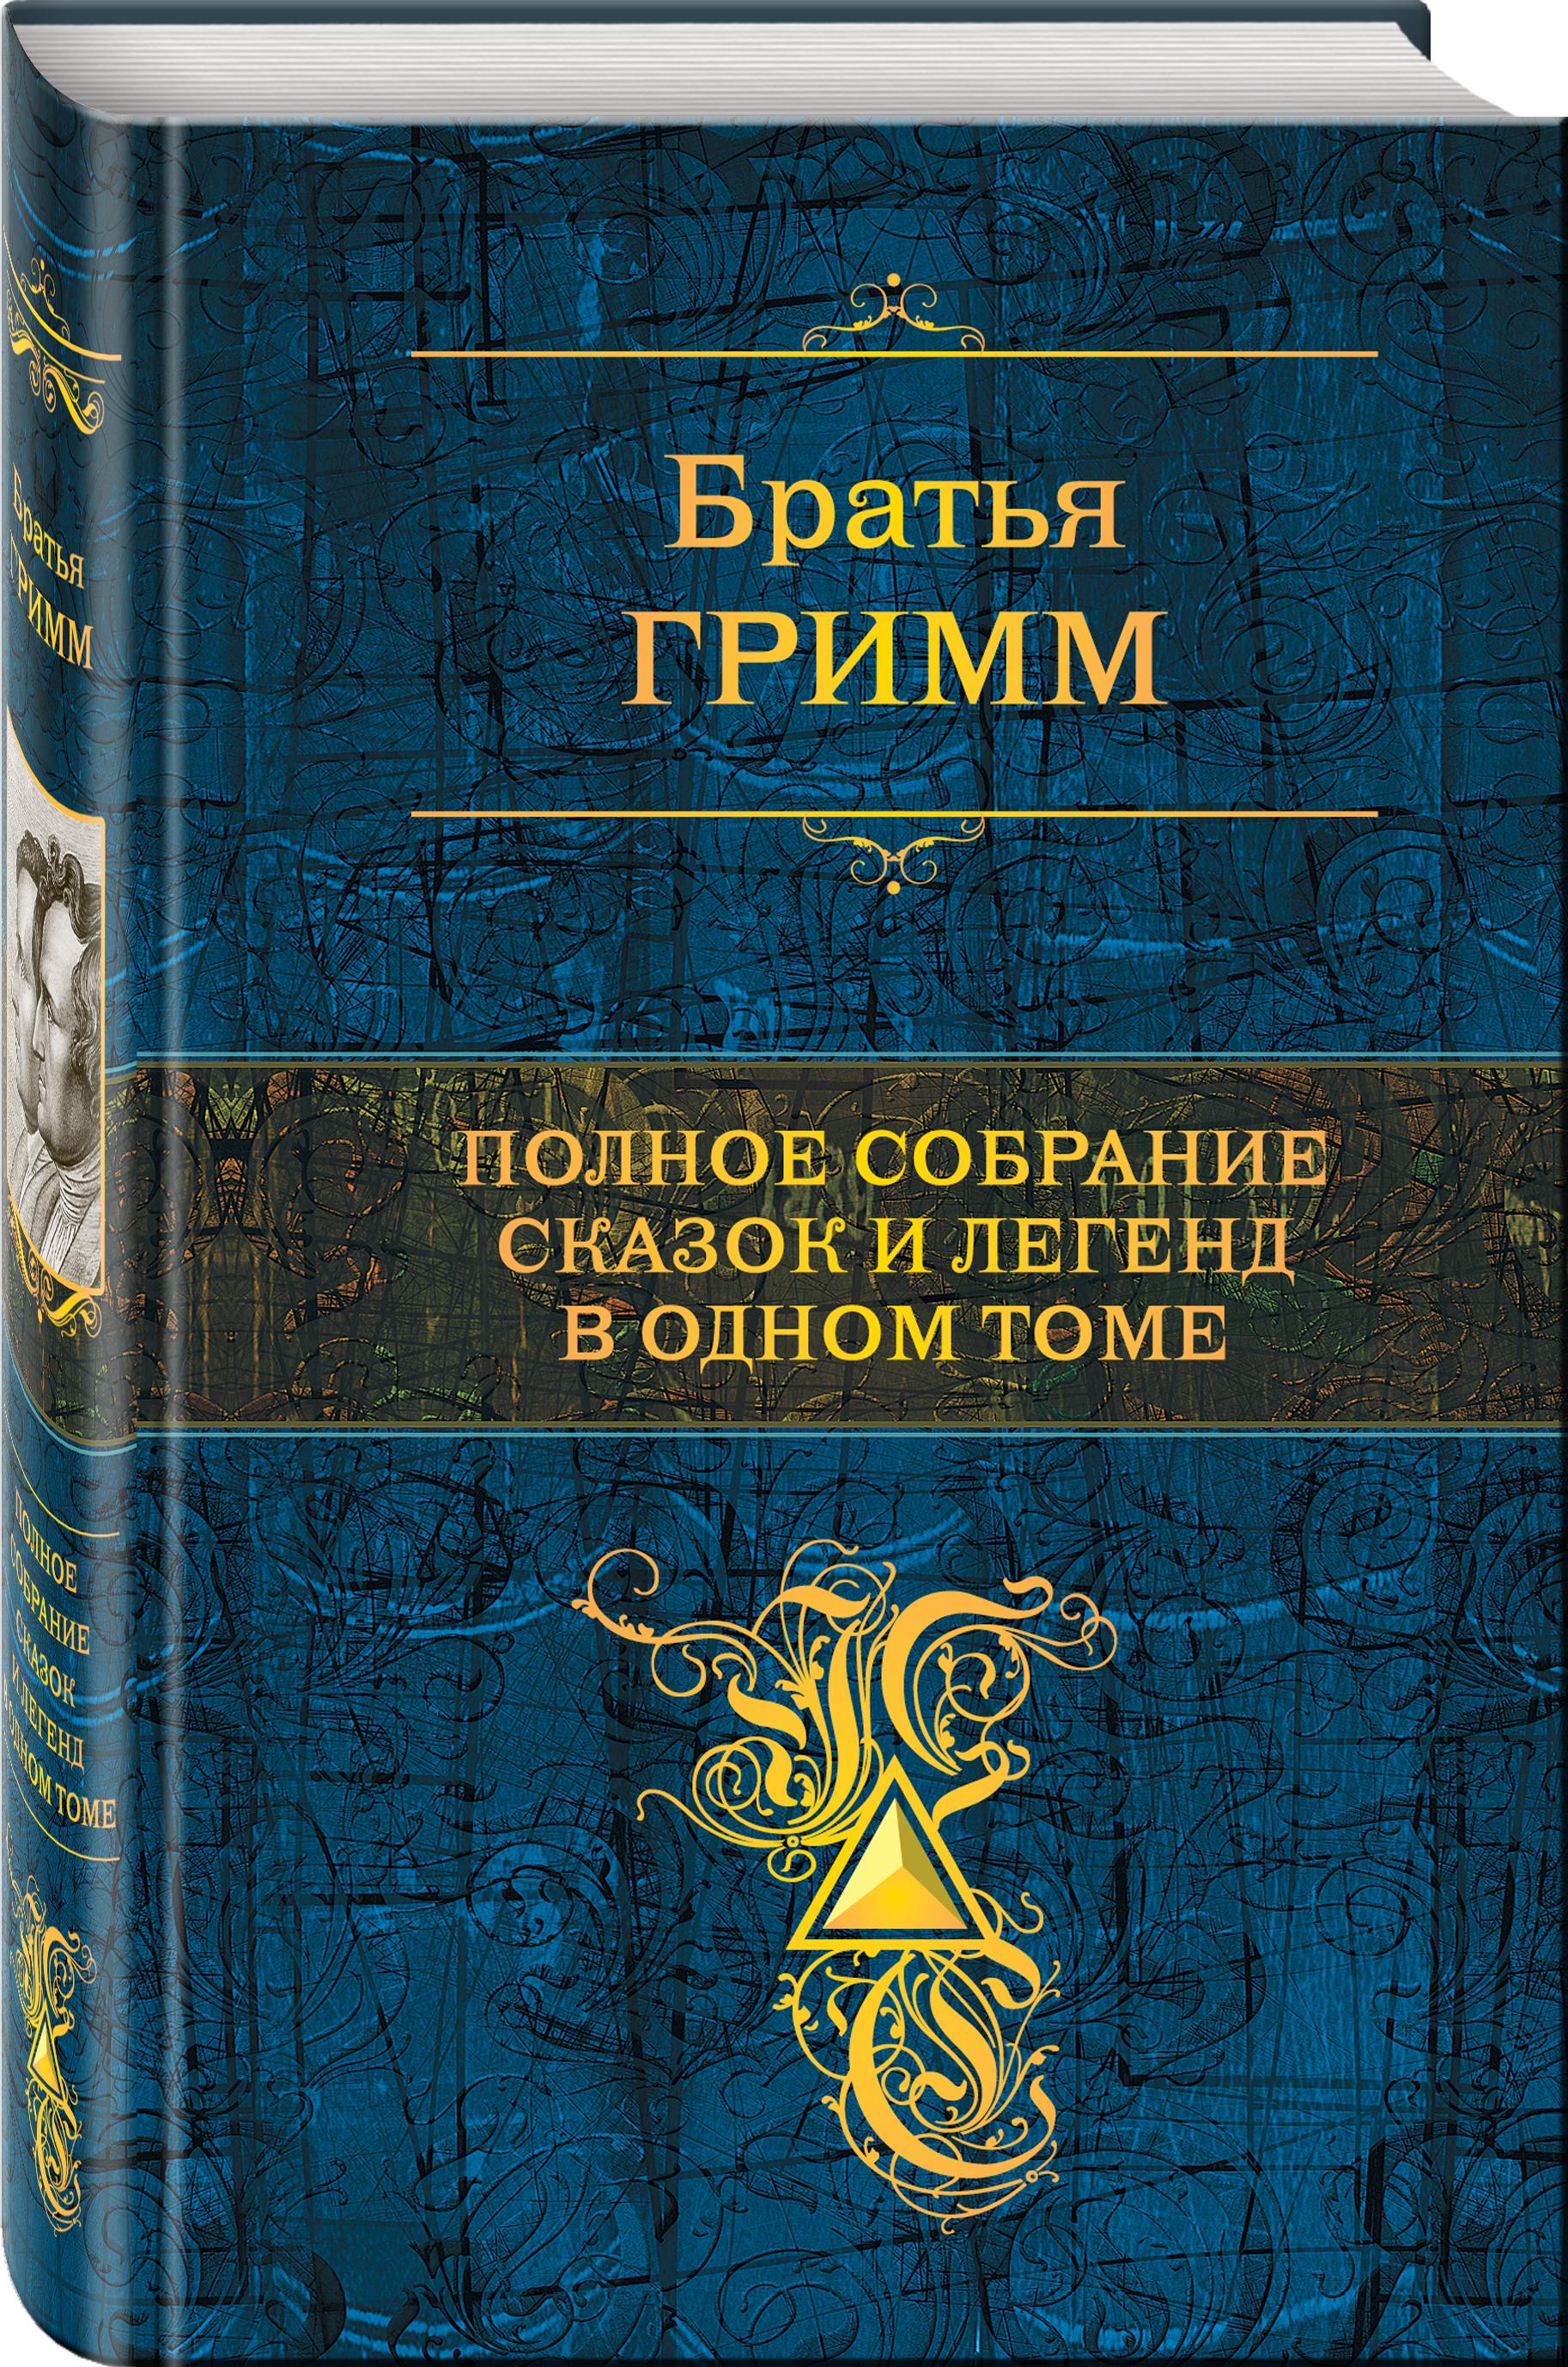 Гримм Я., Гримм В. Полное собрание сказок и легенд в одном томе гримм в гримм я самые любимые сказки